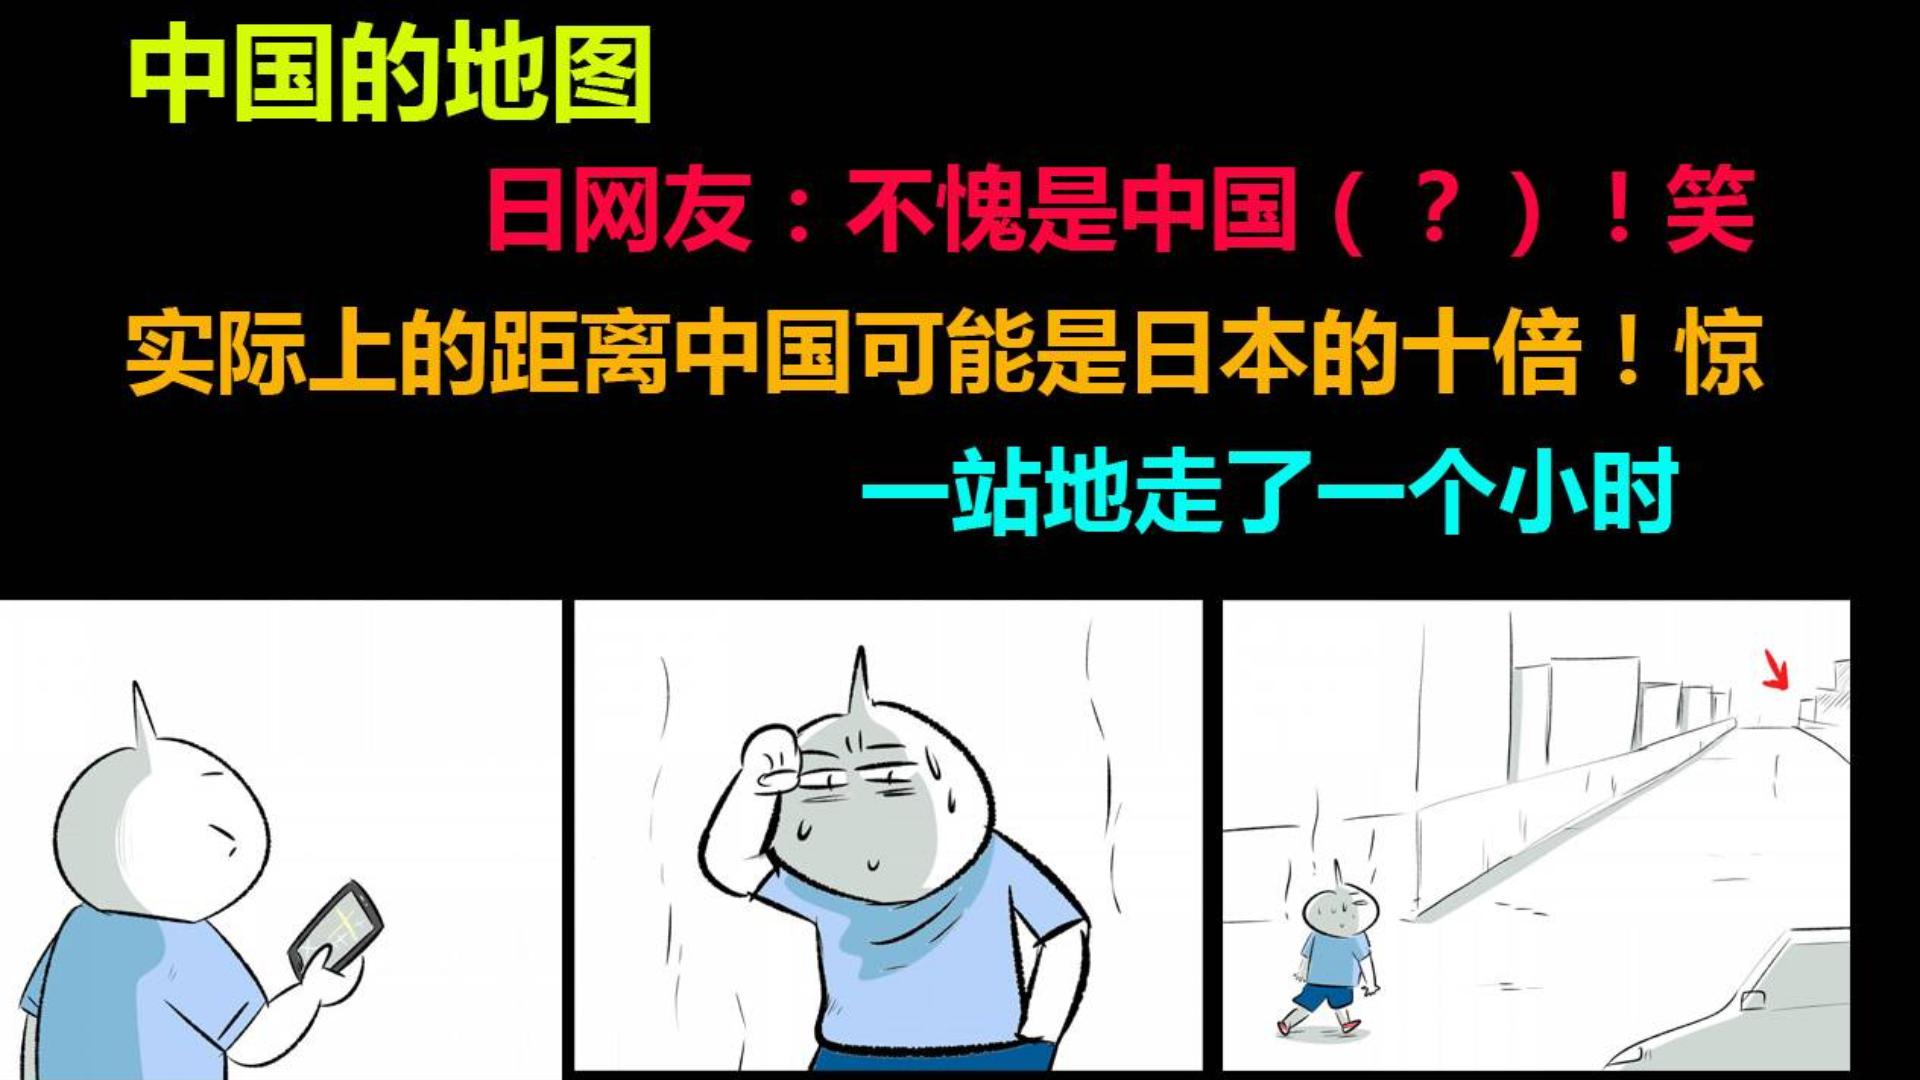 中国的地图 日本网友:比例尺不一样 一站地走了一小时